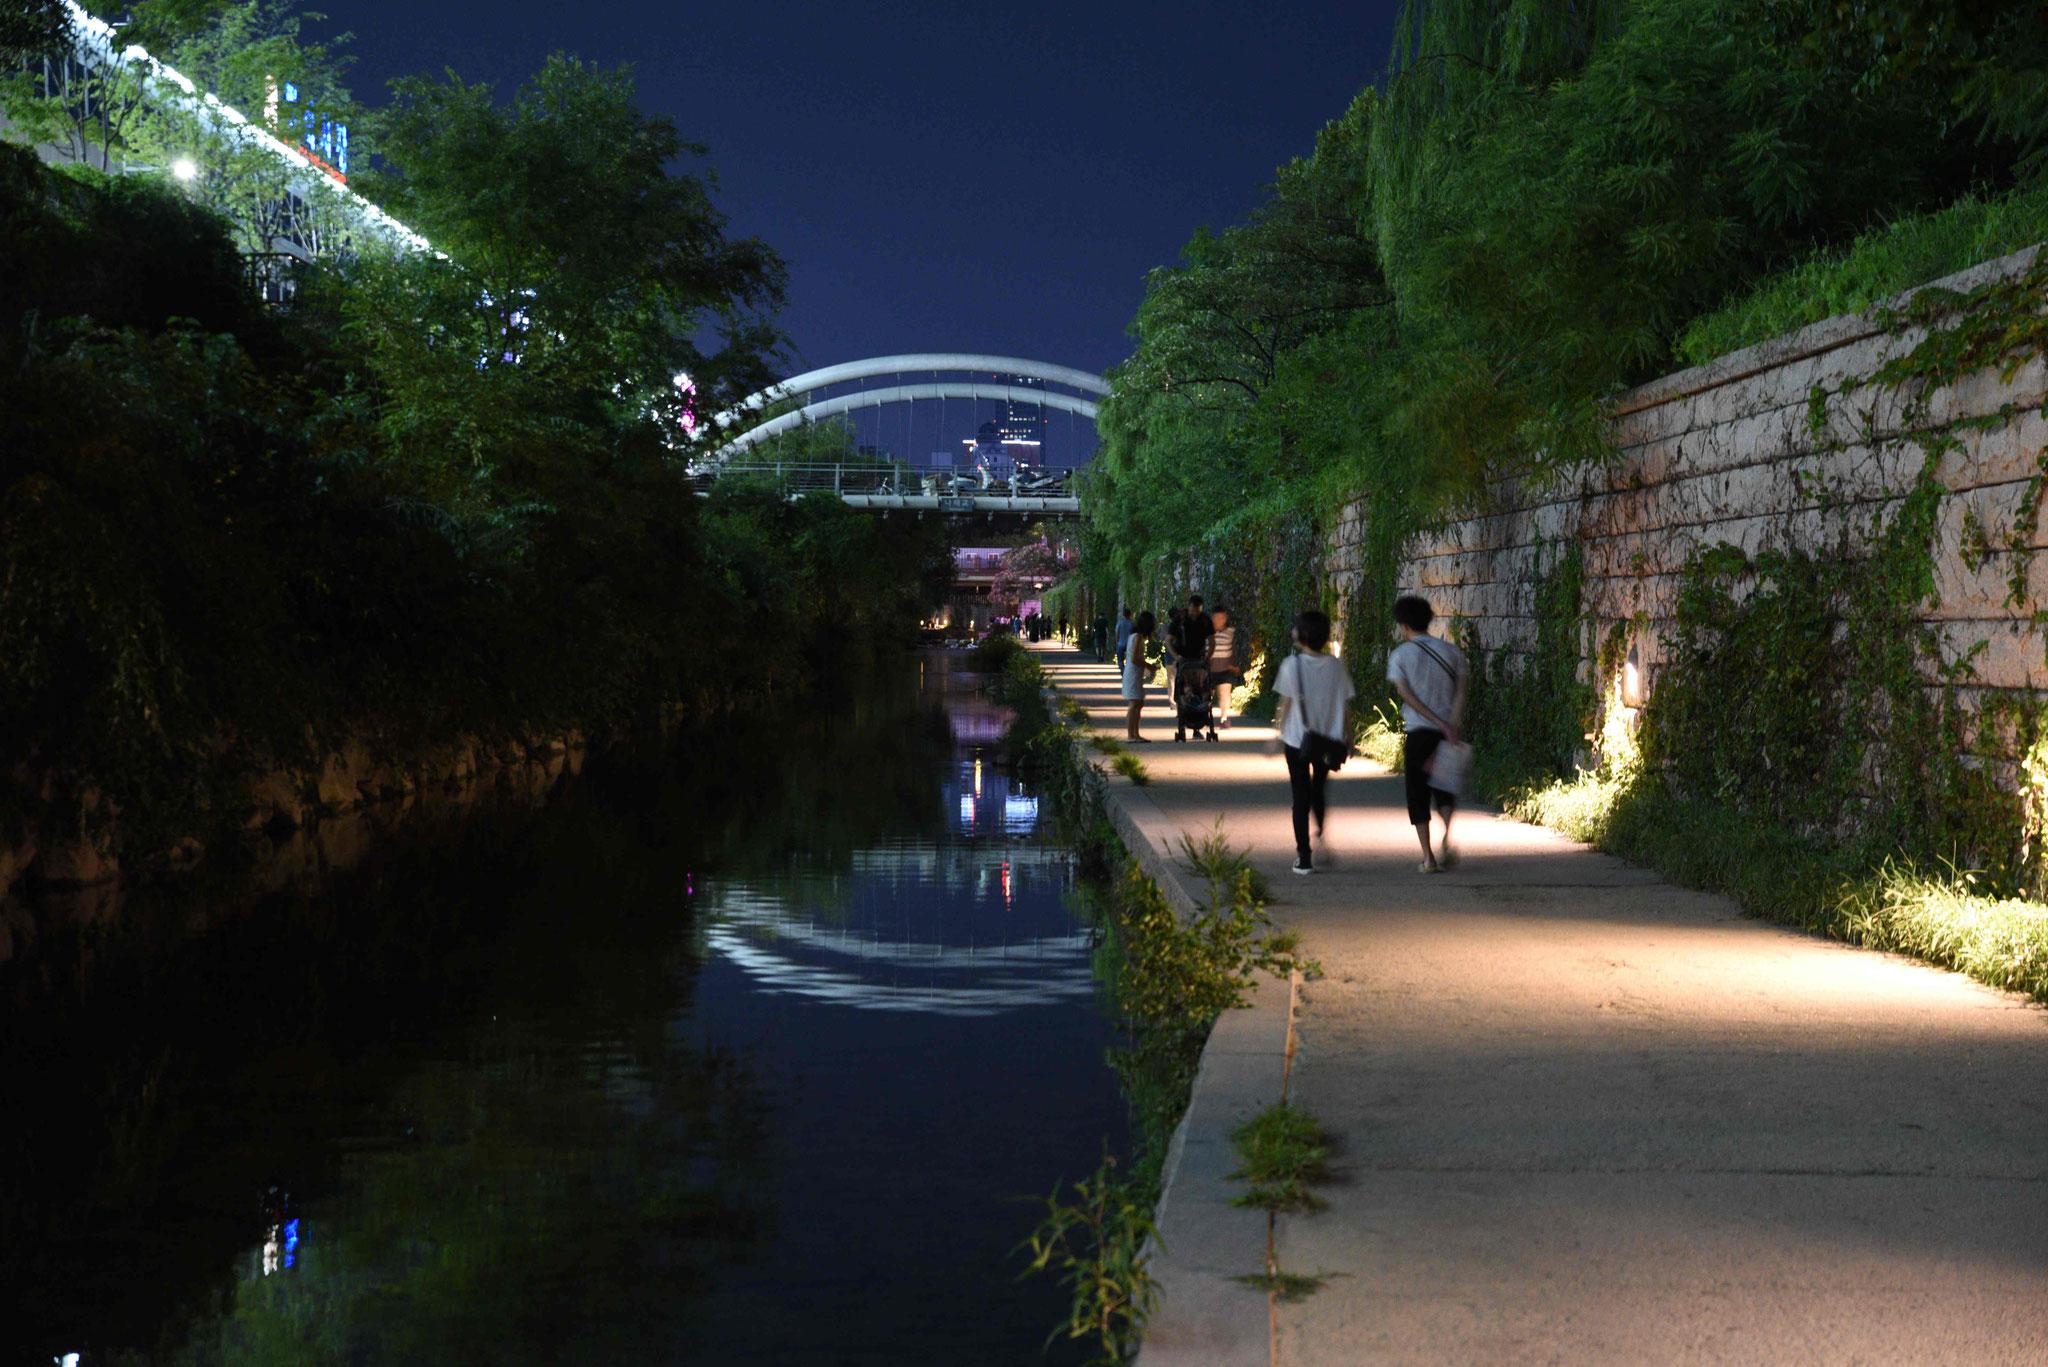 Abendspaziergang am Fluß